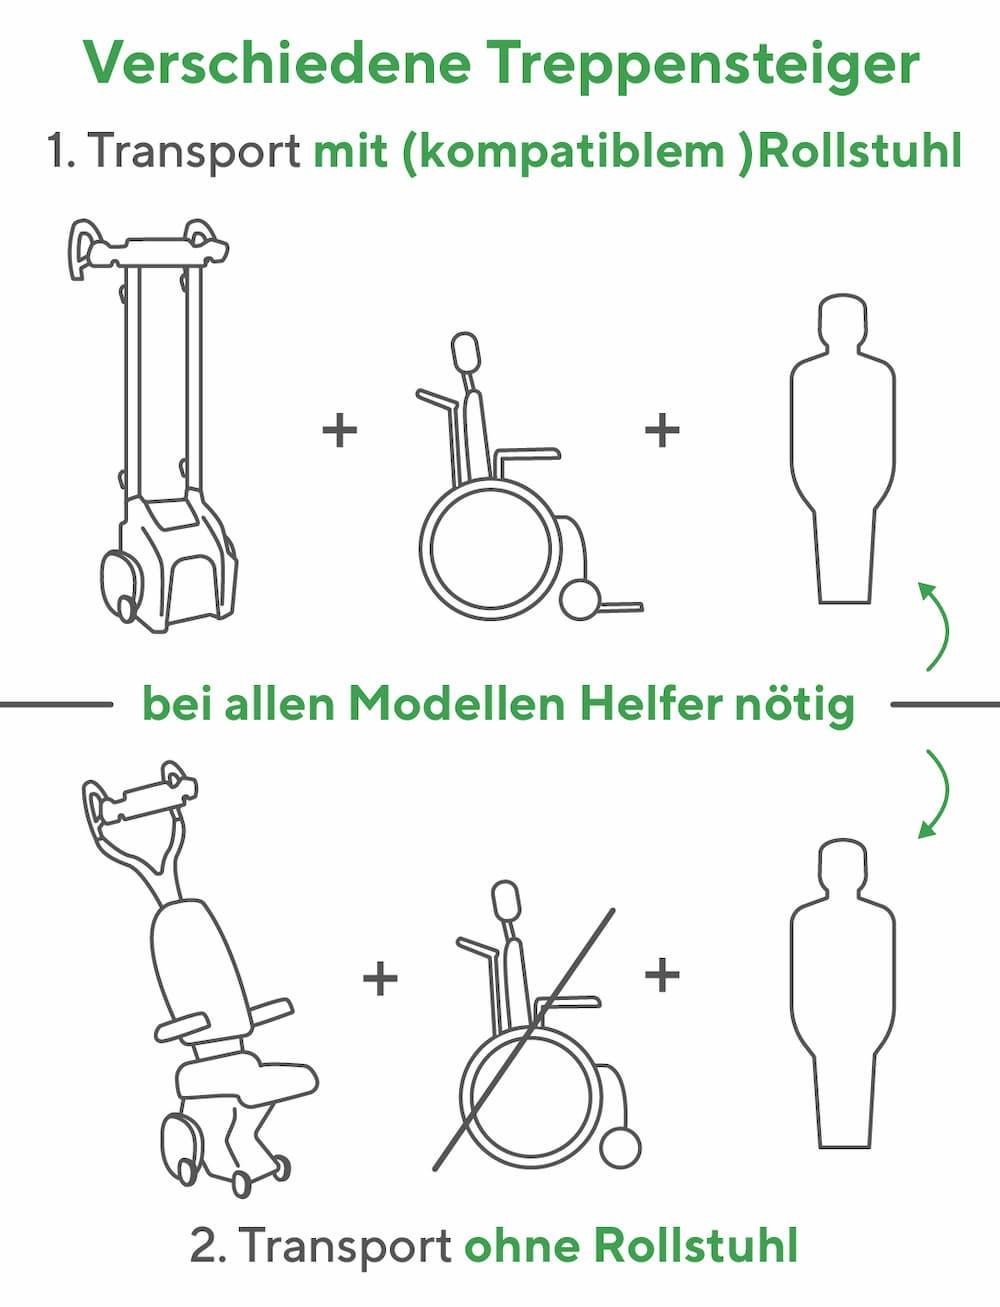 Treppensteiger: Übersicht und Modelle